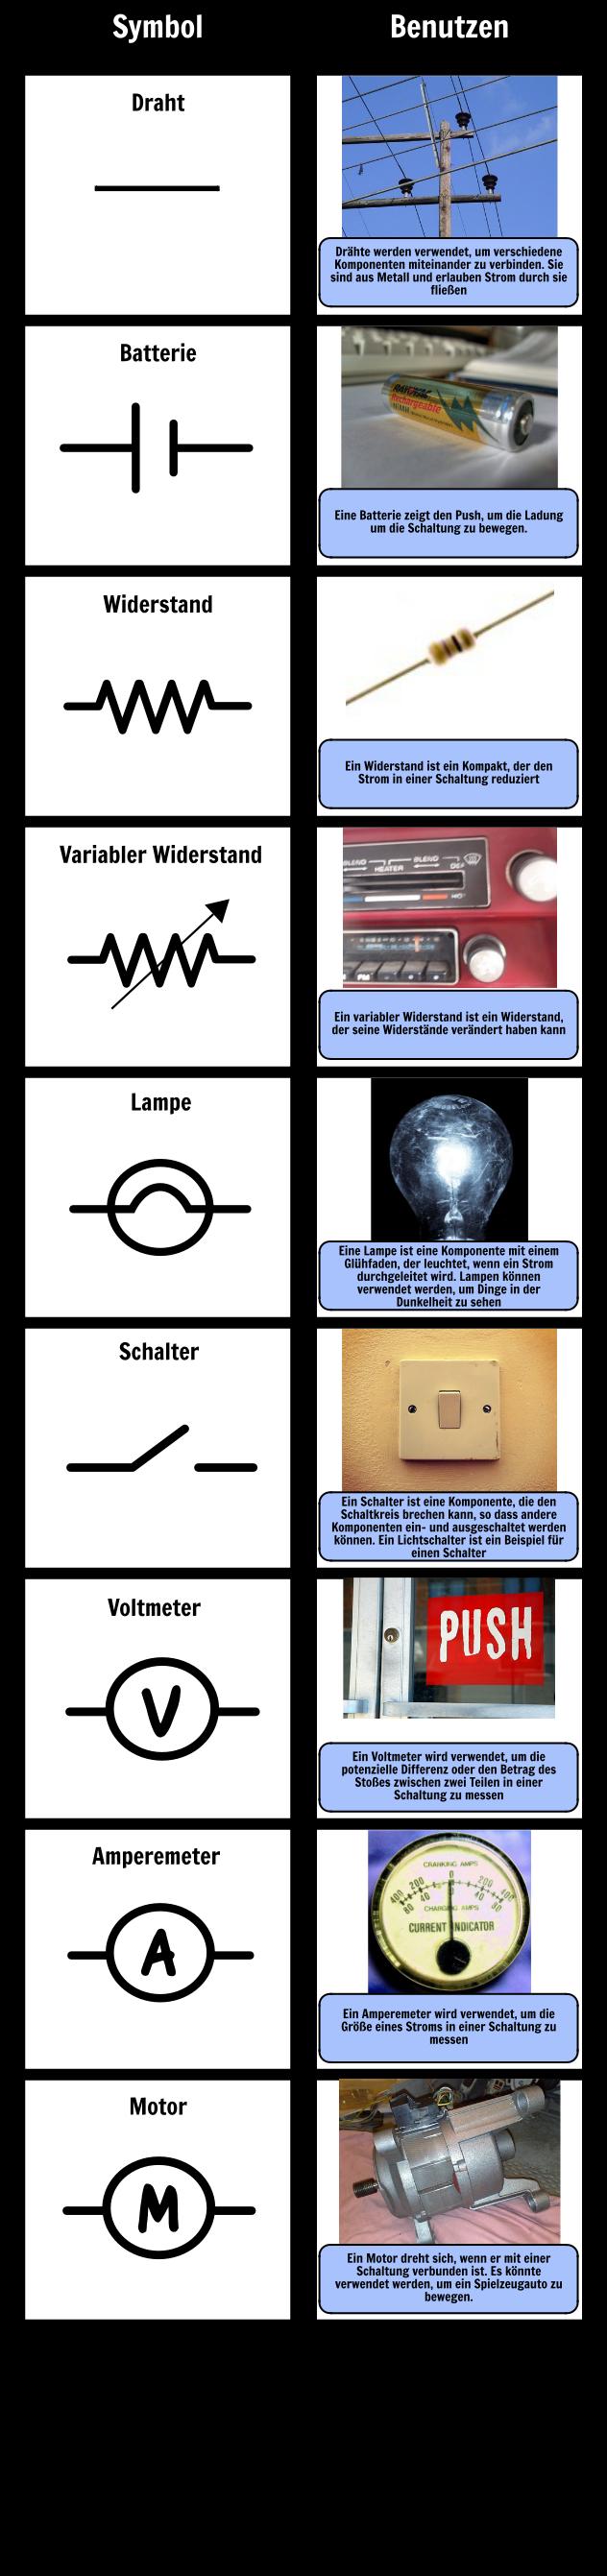 Elektrische Schaltung | Verständnis der Elektrizität in Einem ...